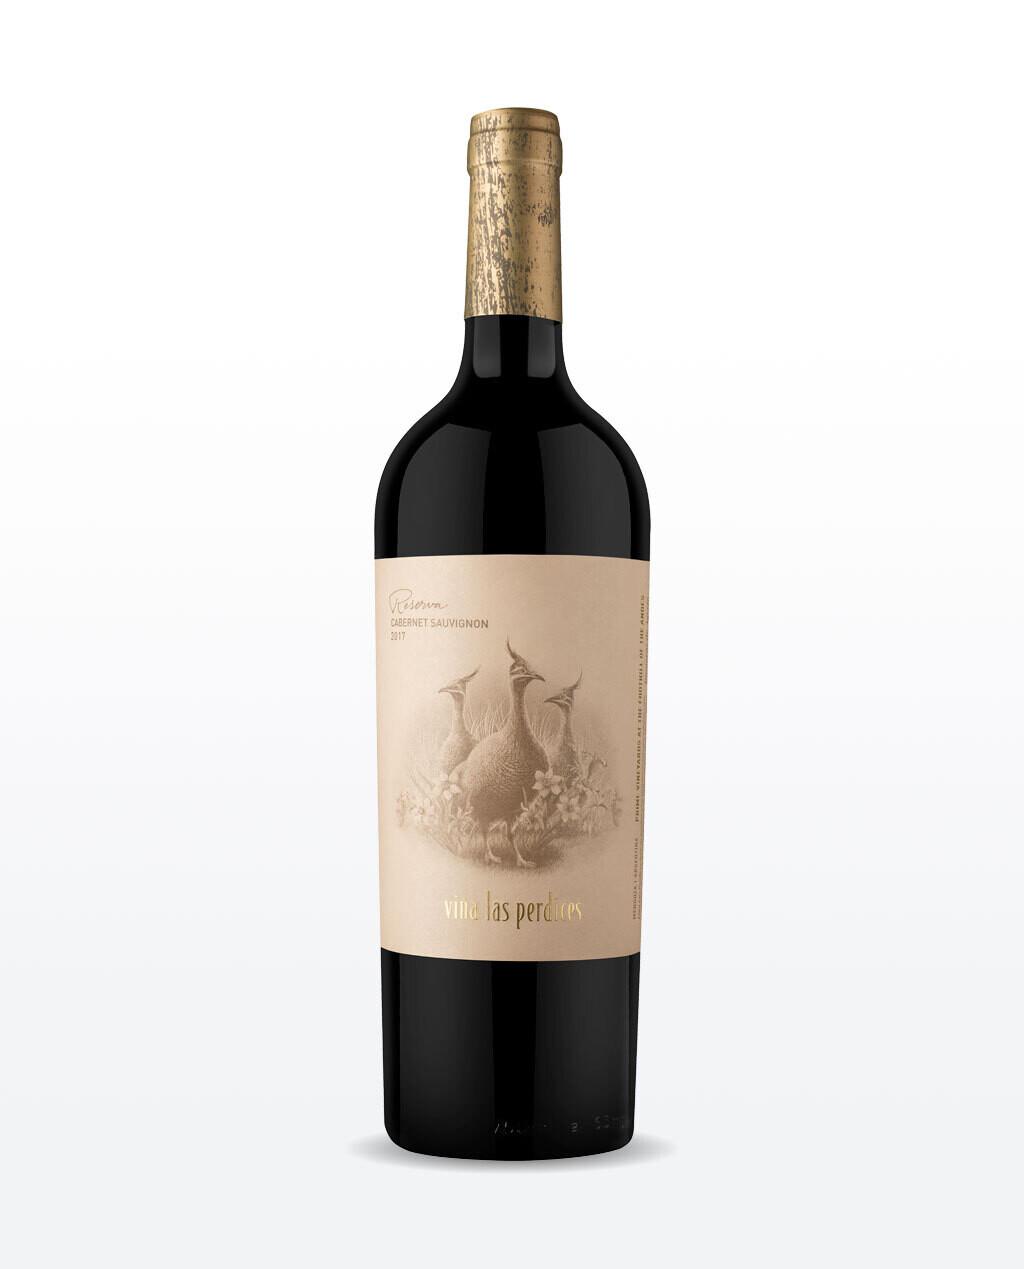 Vino Tinto Las perdices reserva cabernet sauvignon x750cc